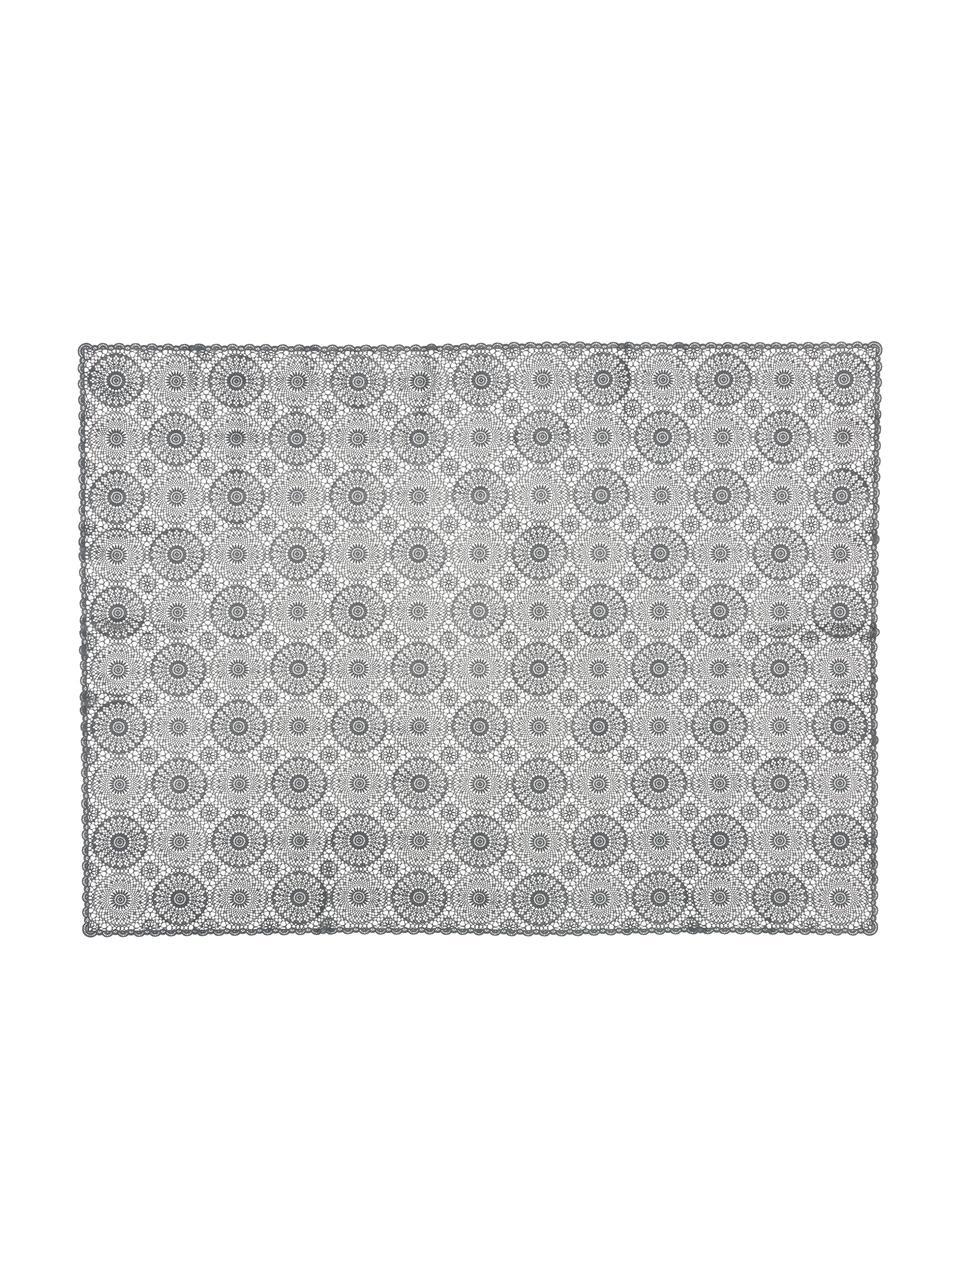 Tovaglia di plastica effetto all'uncinetto Crochet, Materiale sintetico (PVC), Nero, Per 4-6 persone  (Larg. 137 x Lung. 180 cm)